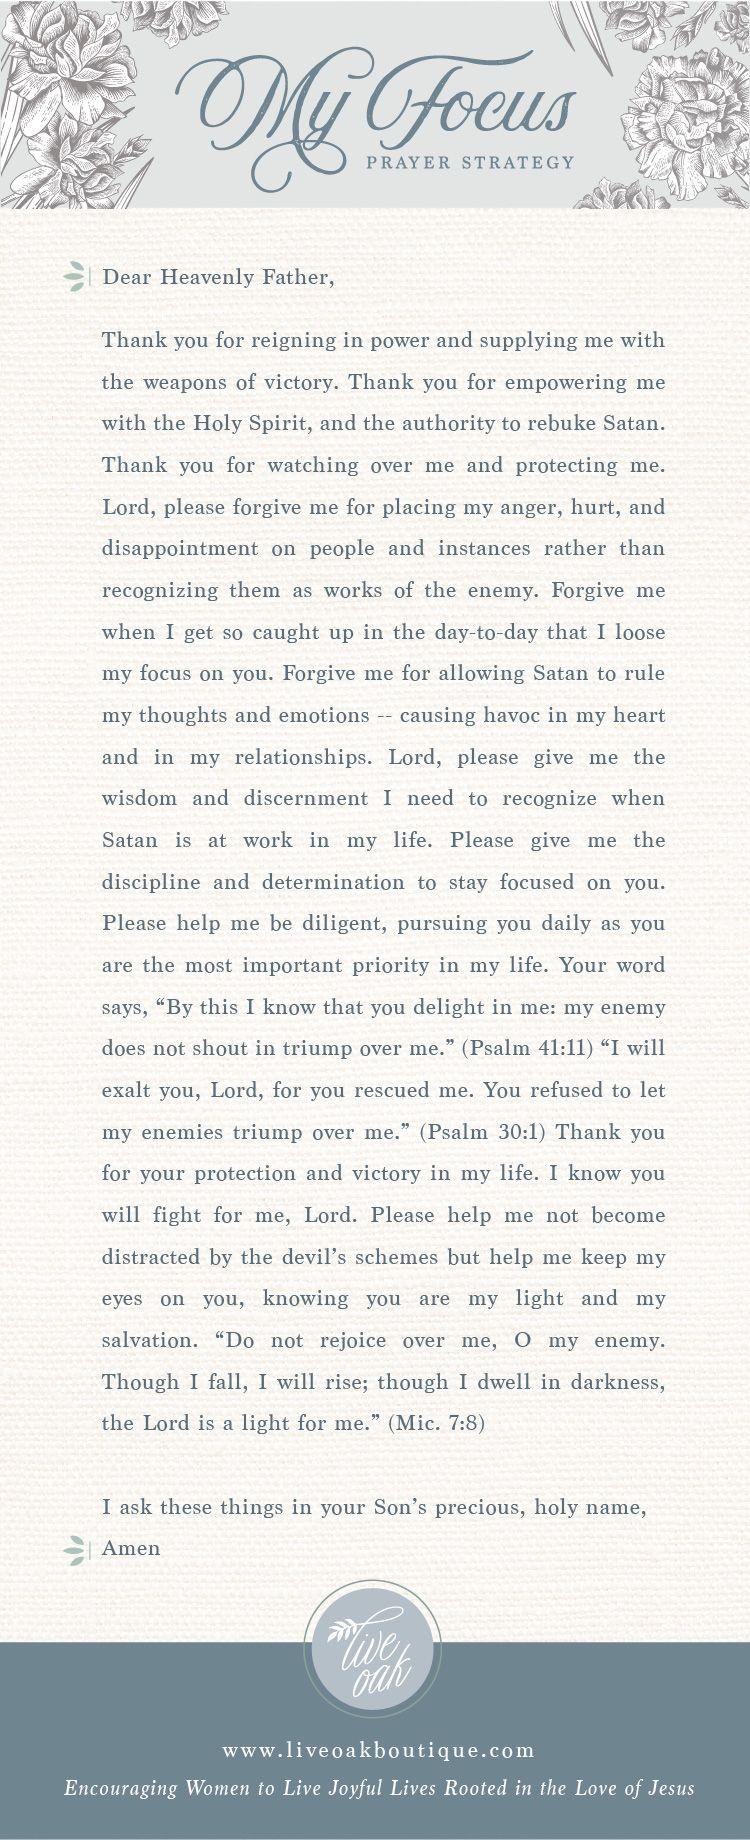 Fervent: Prayer Strategy for Focus | Pinterest | Fervent prayer ...